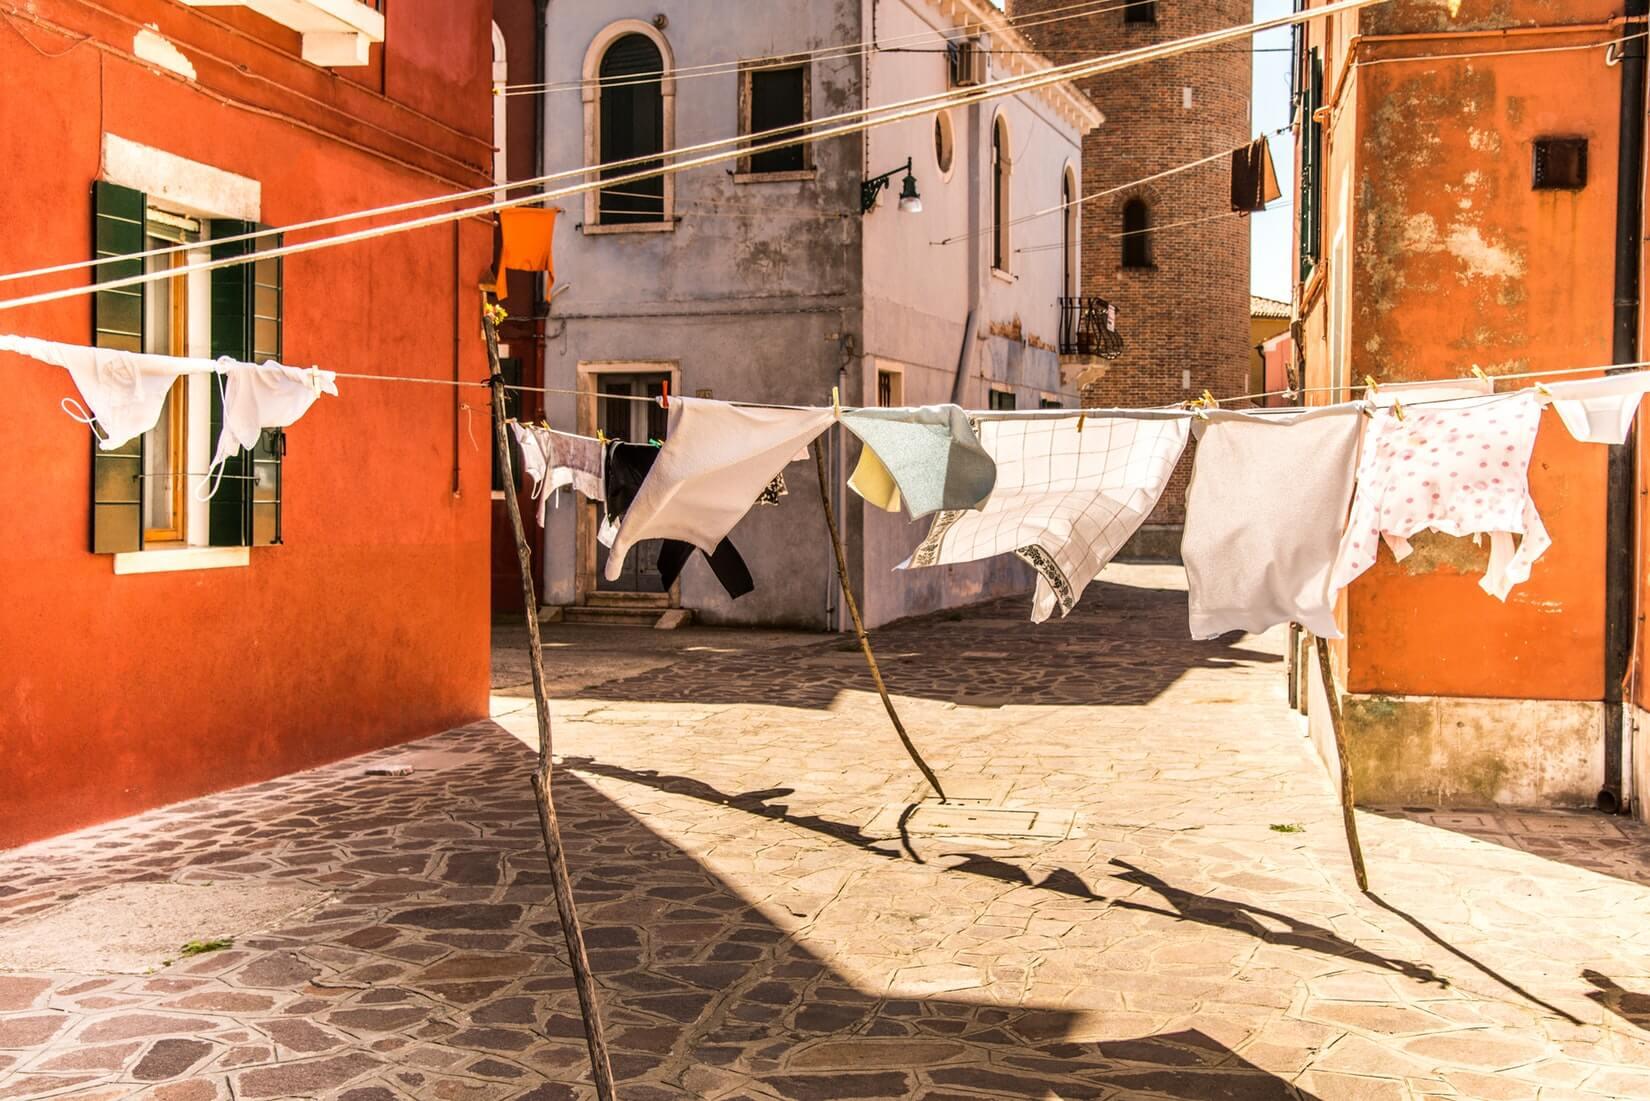 Цены в Венеции: бюджет на 5 дней, 5 островов и 3 города